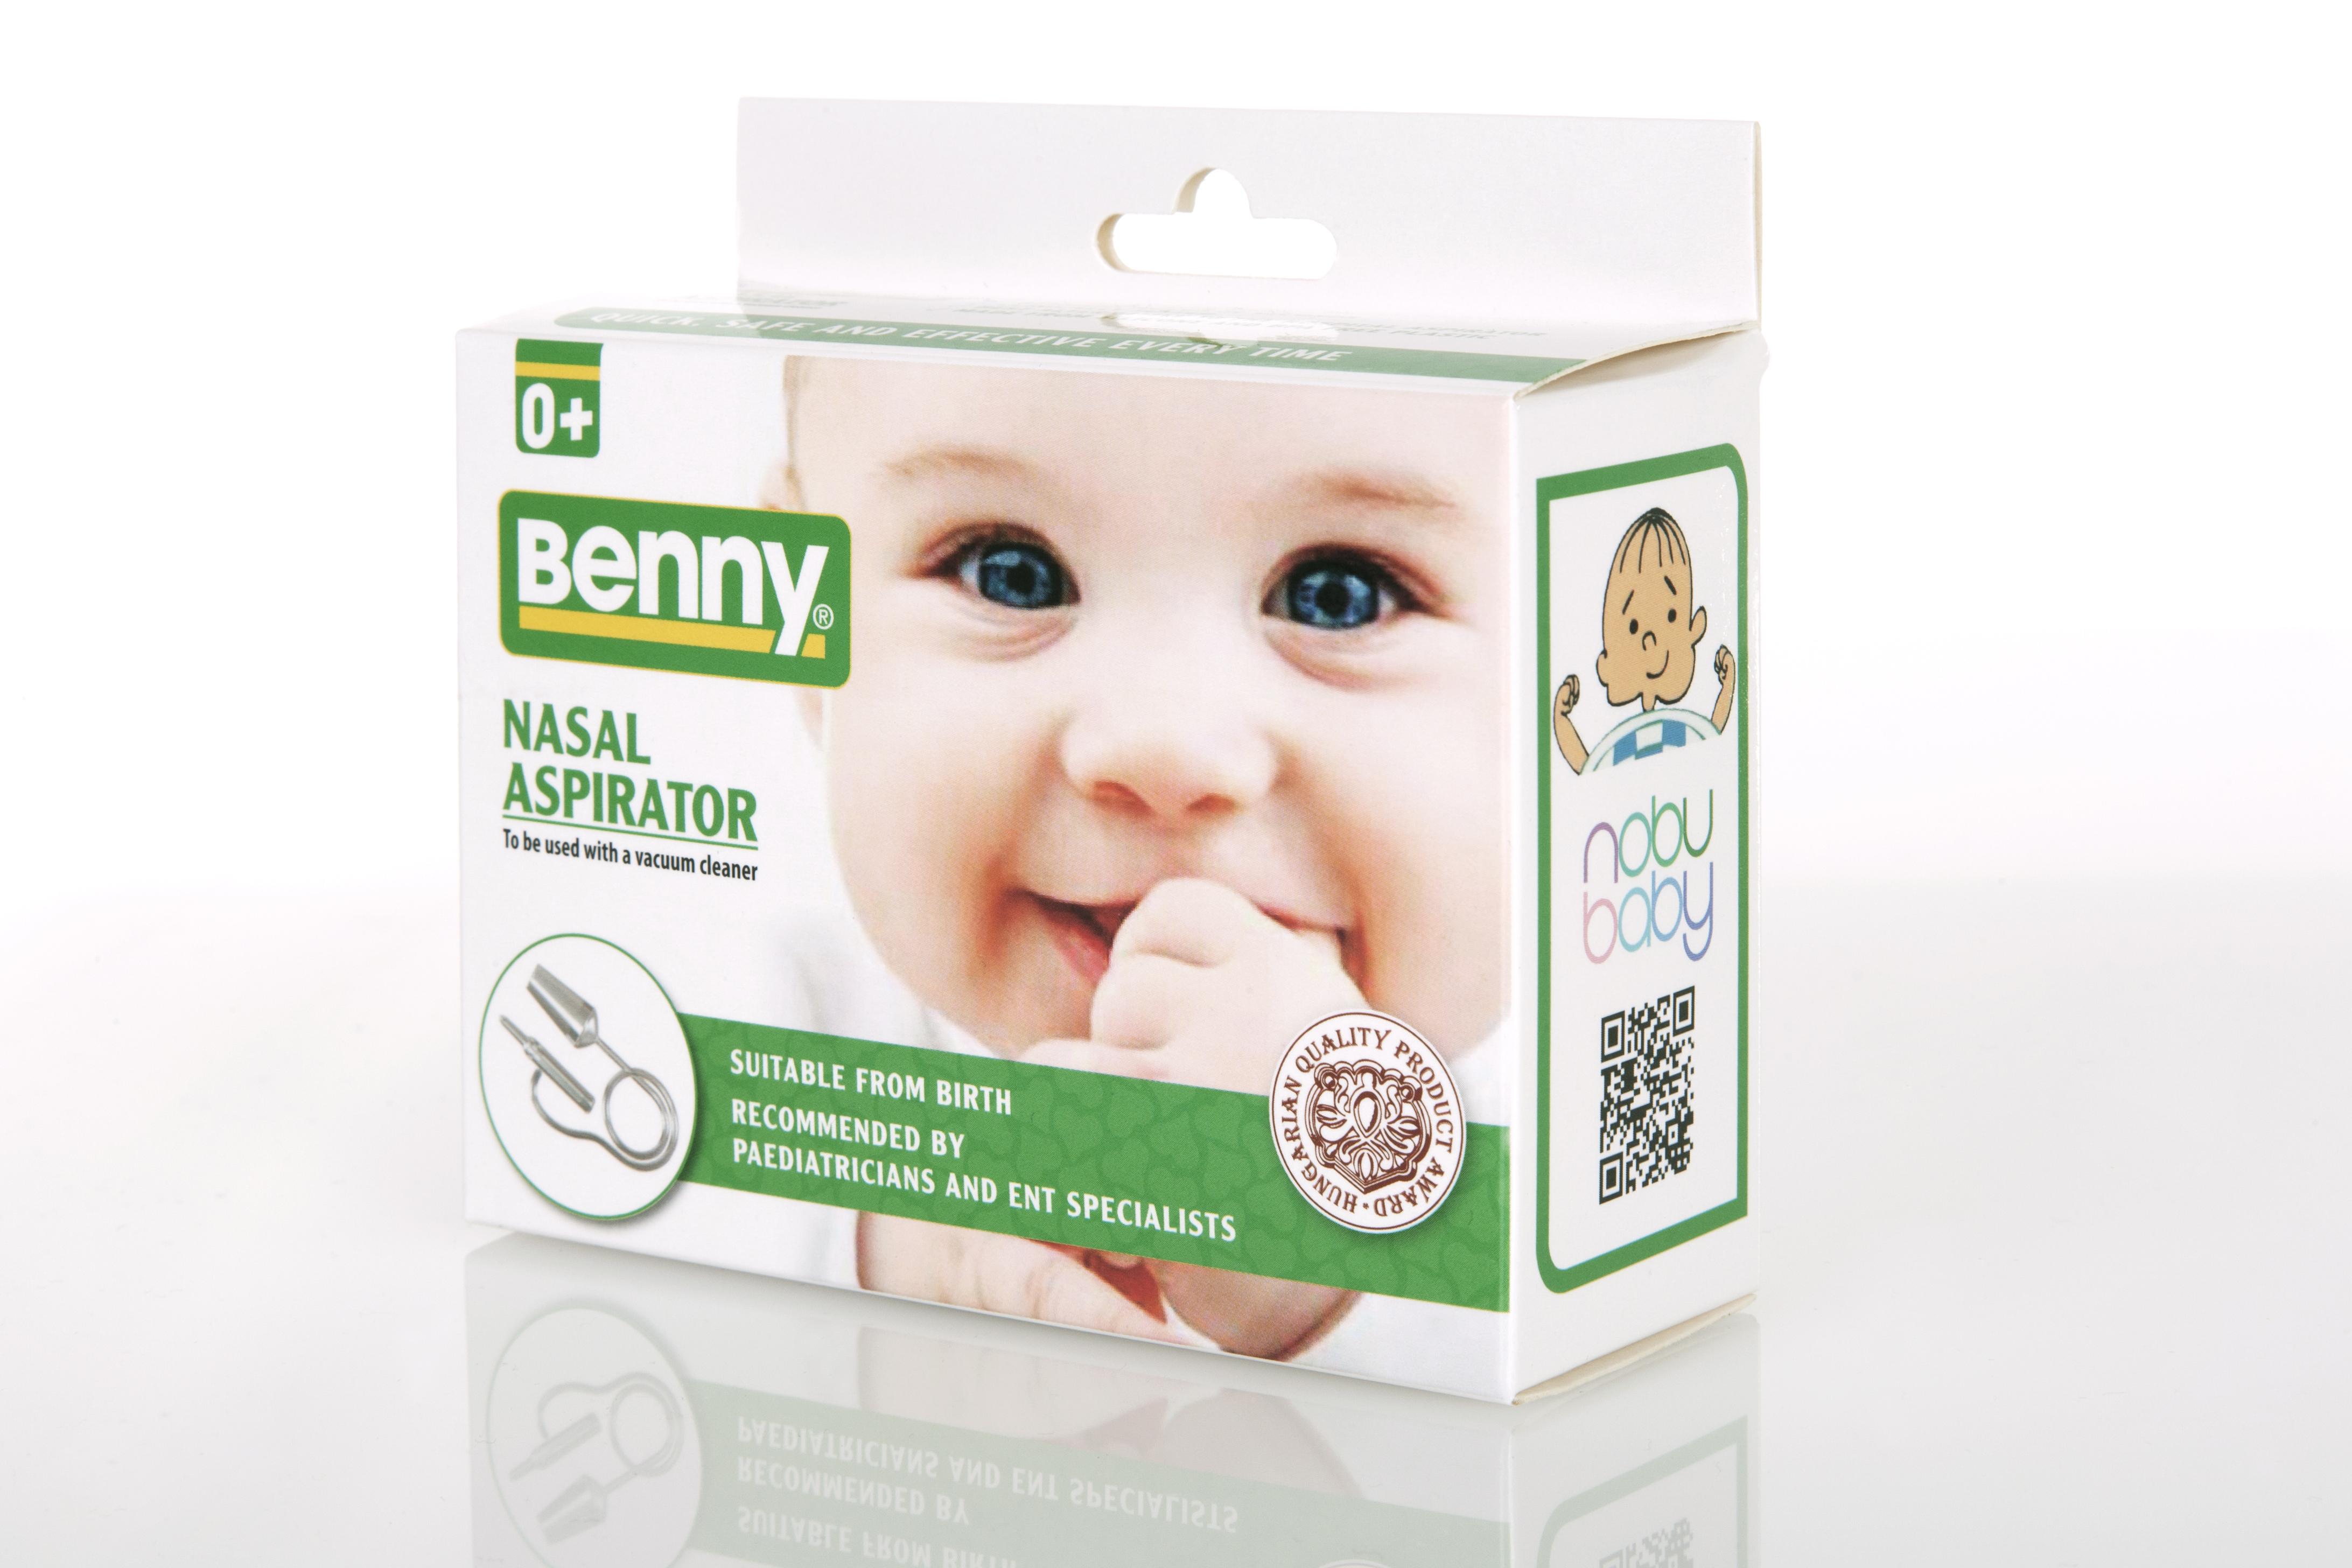 Benny Nasal Aspirator Nobu Baby